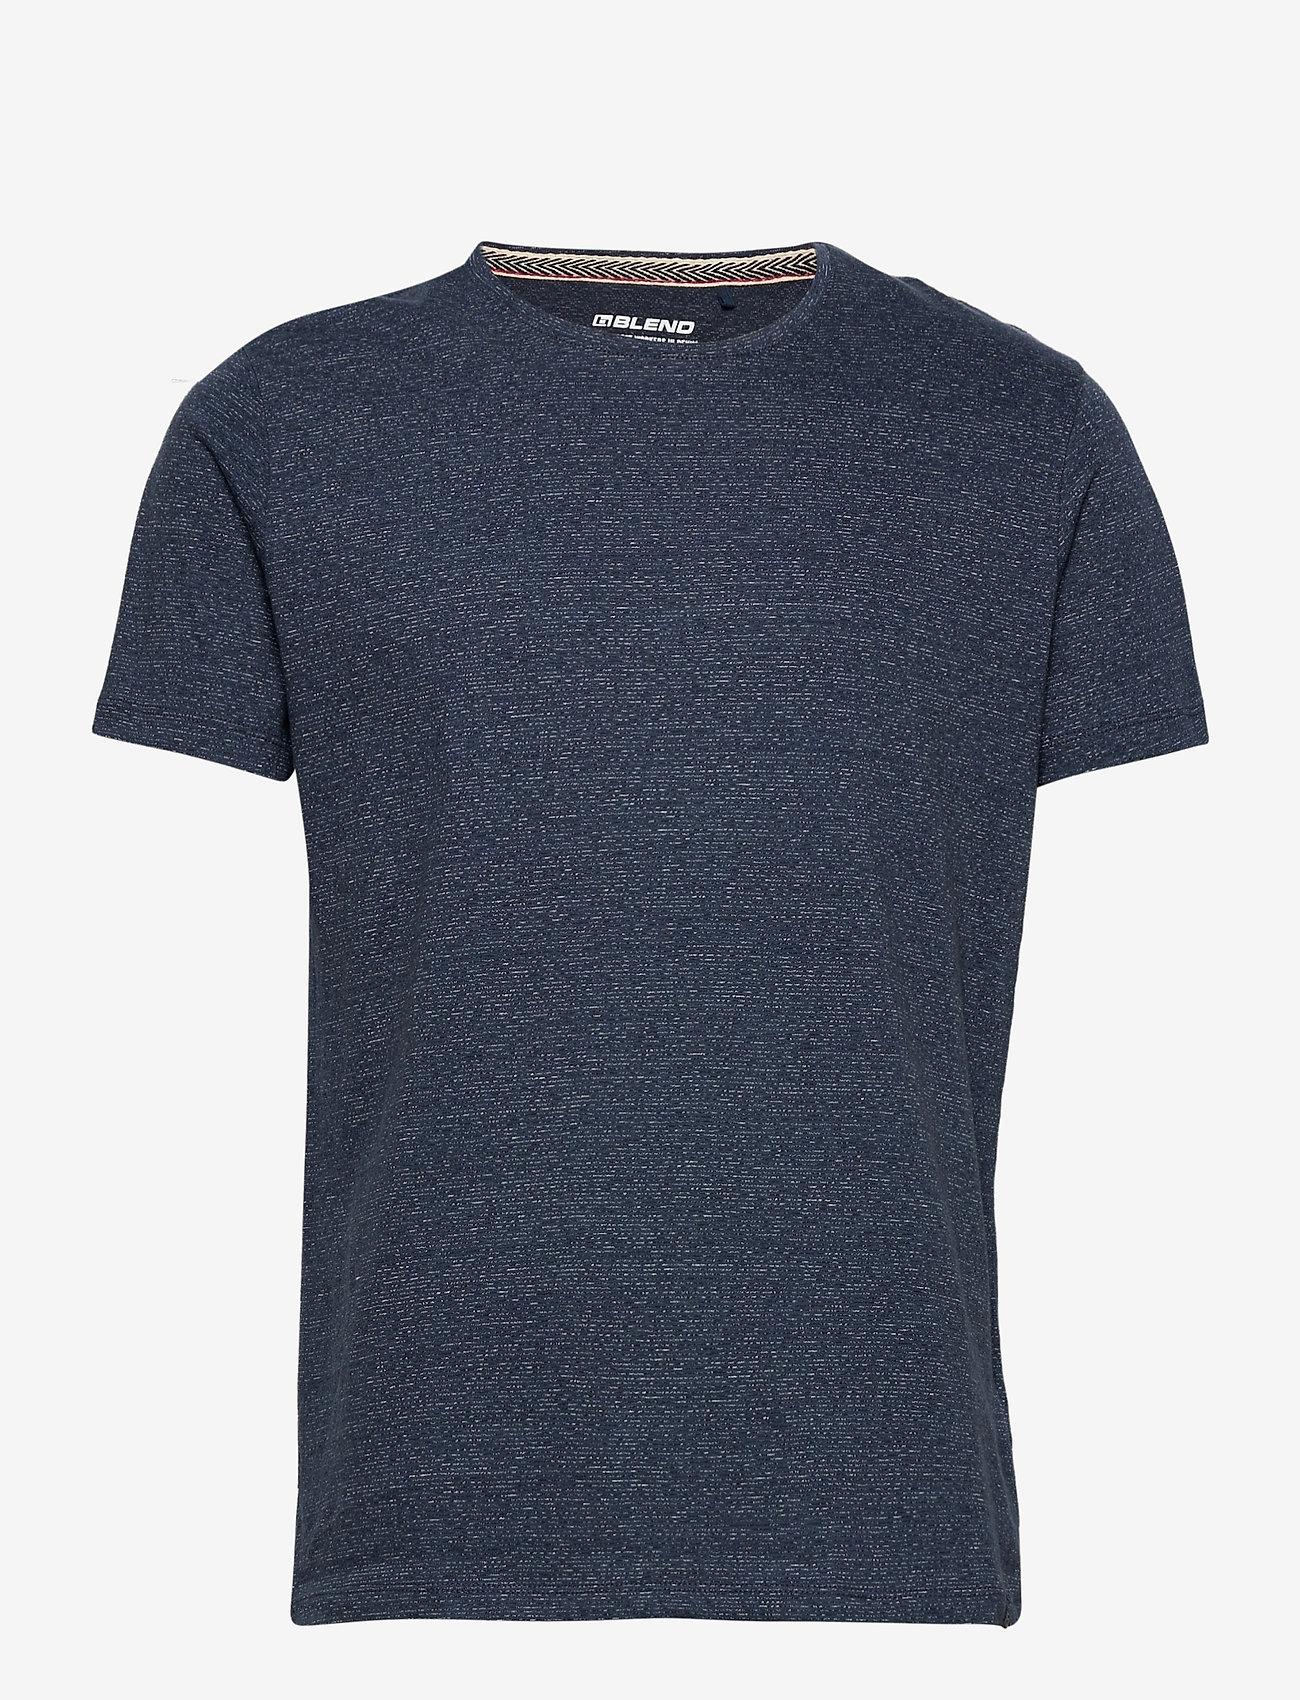 Blend - Tee - basic t-shirts - dark denim - 0